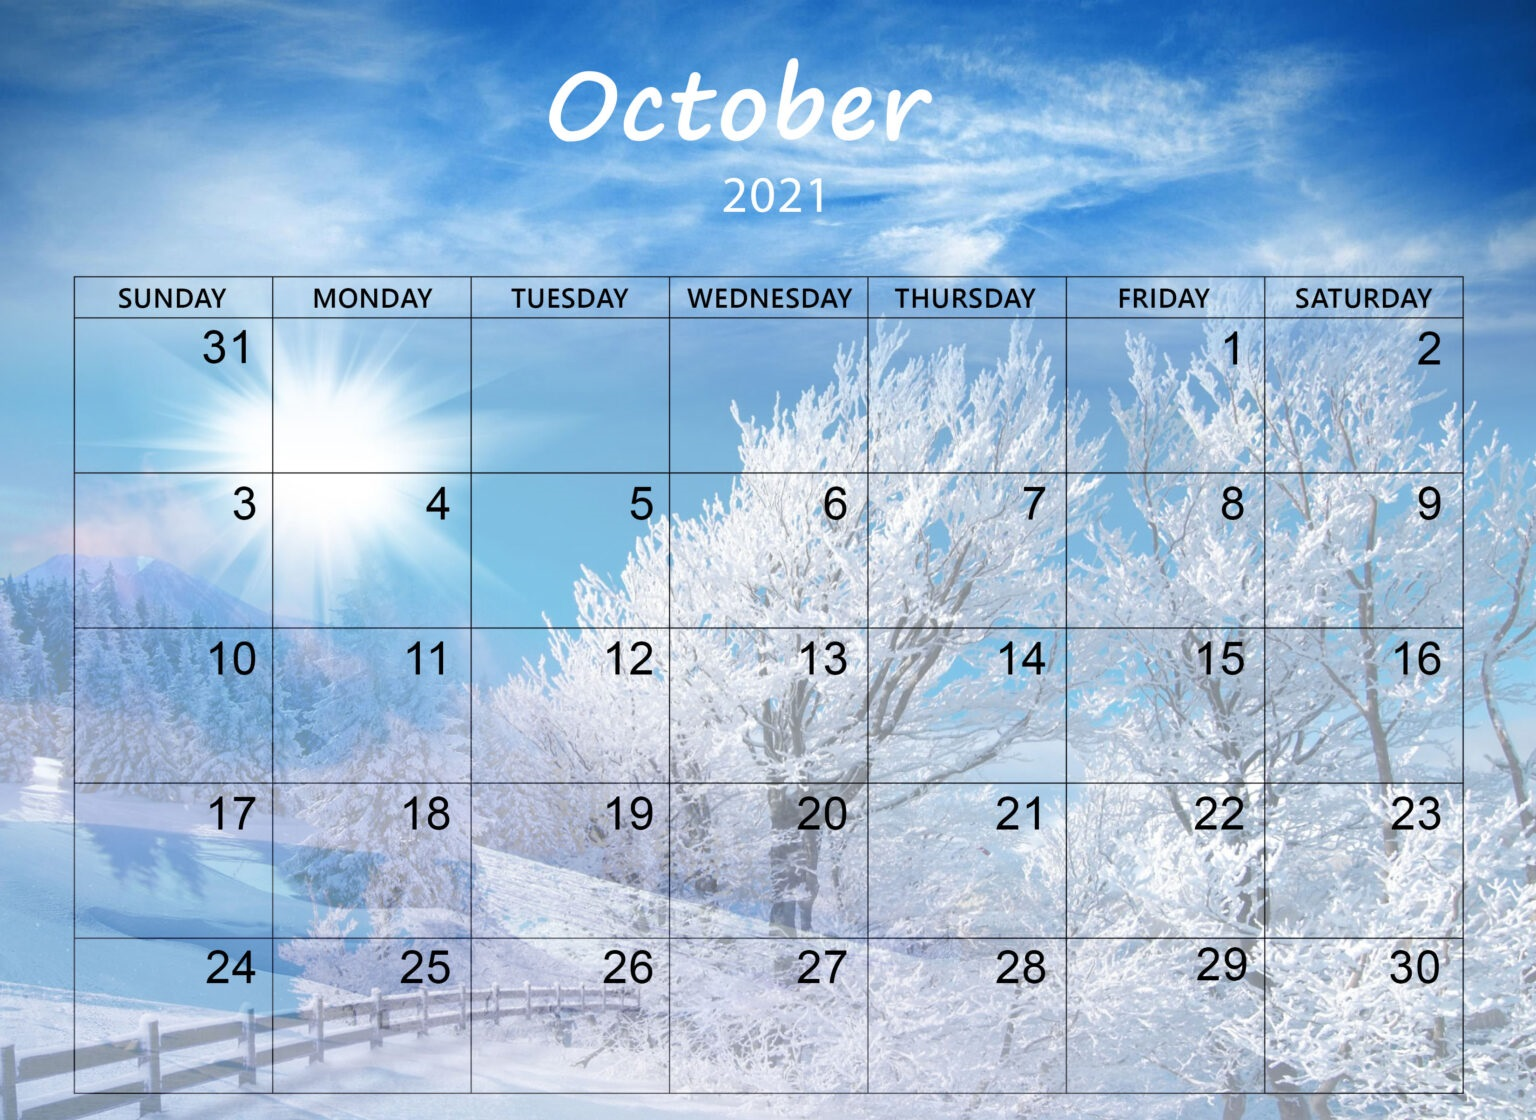 Cute October 2021 Calendar Online